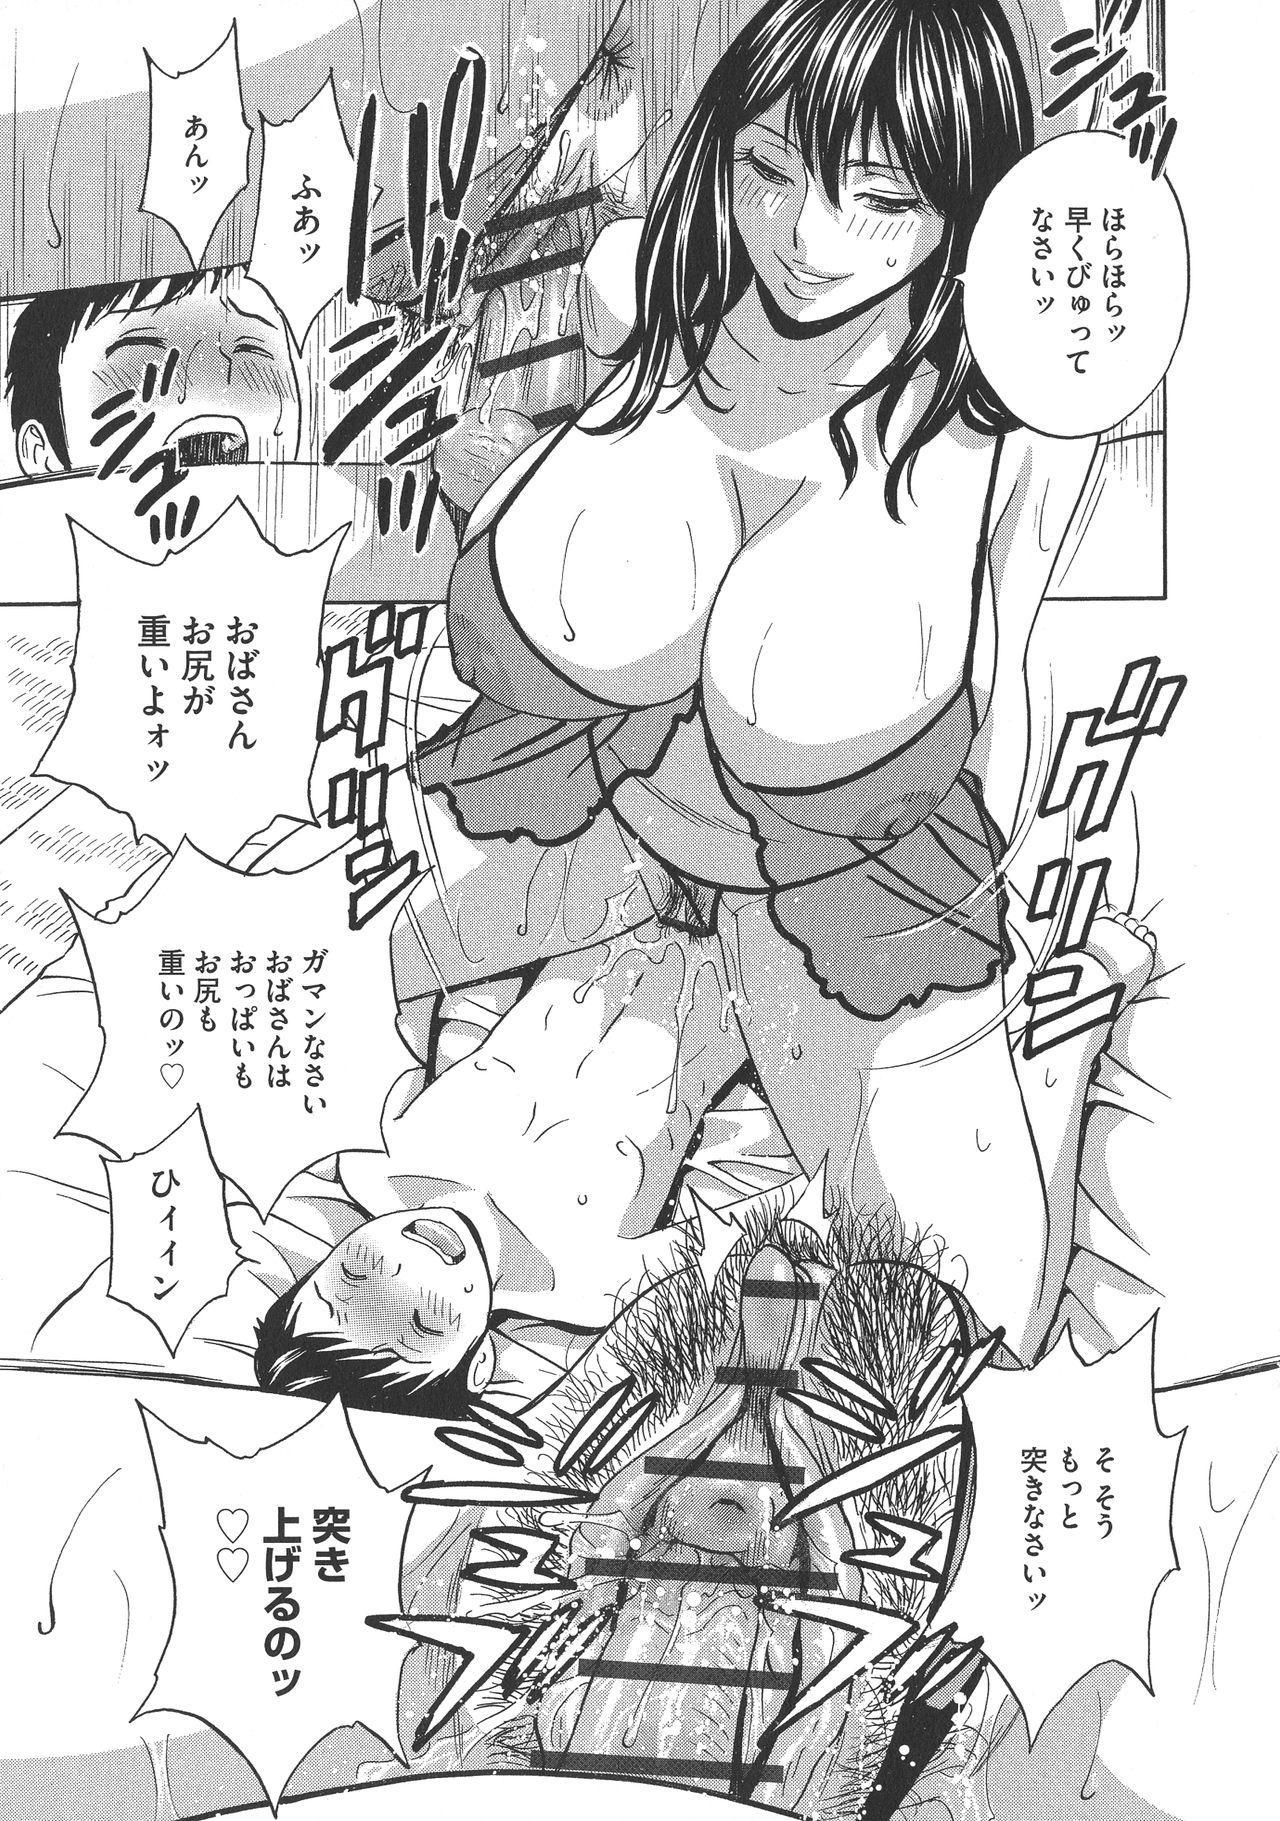 Chijoku ni Modaeru Haha no Chichi… 130